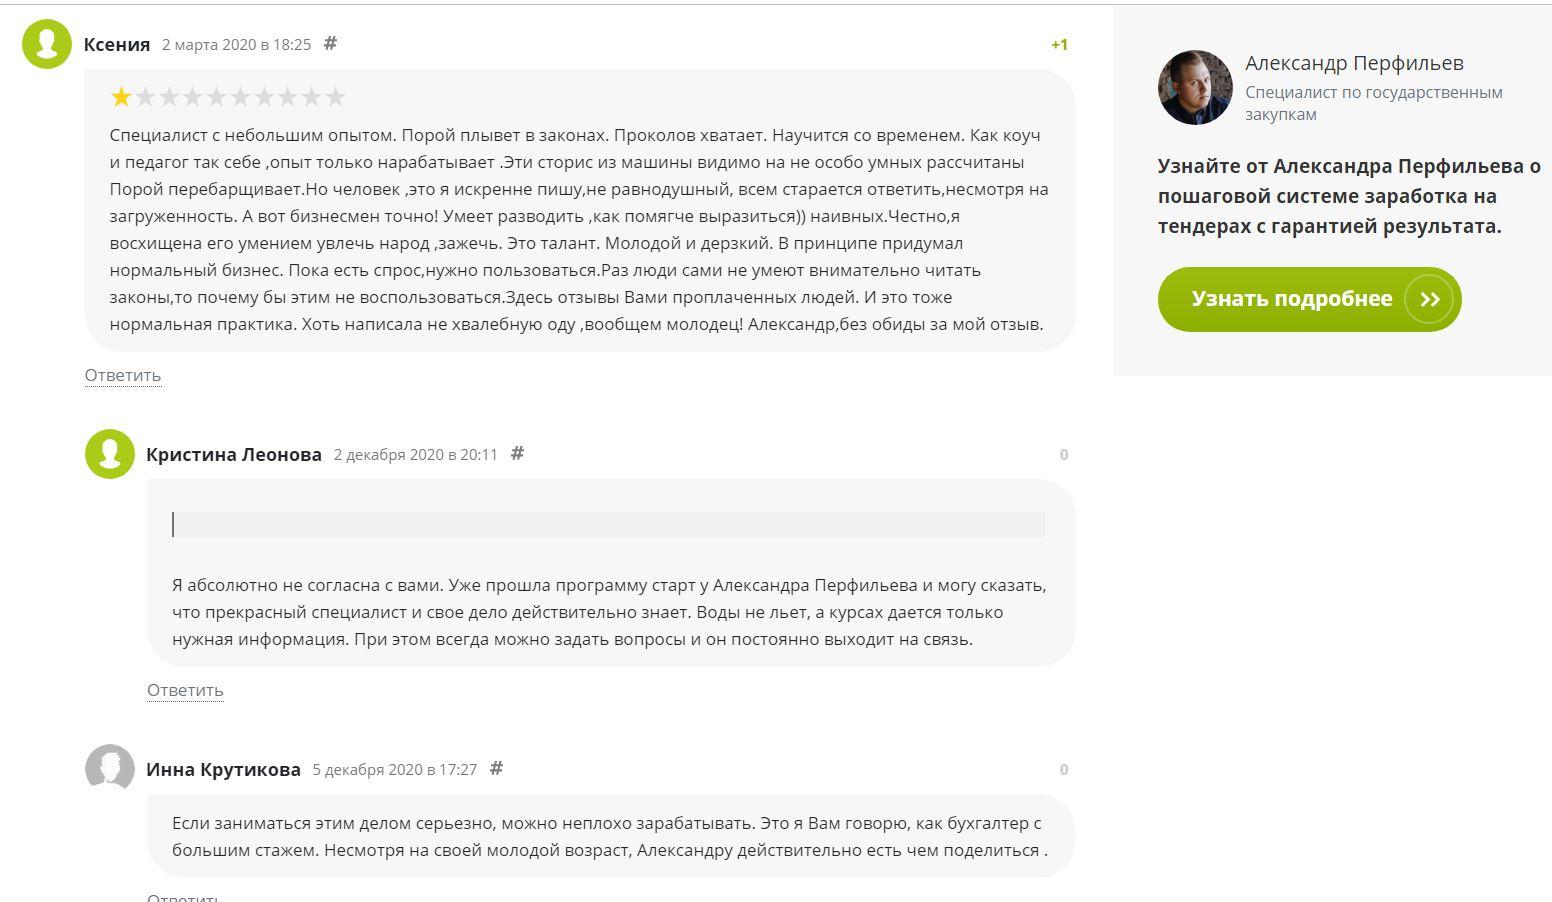 Реальные отзывы о «Школе Тендерных продаж» Александра Перфильева